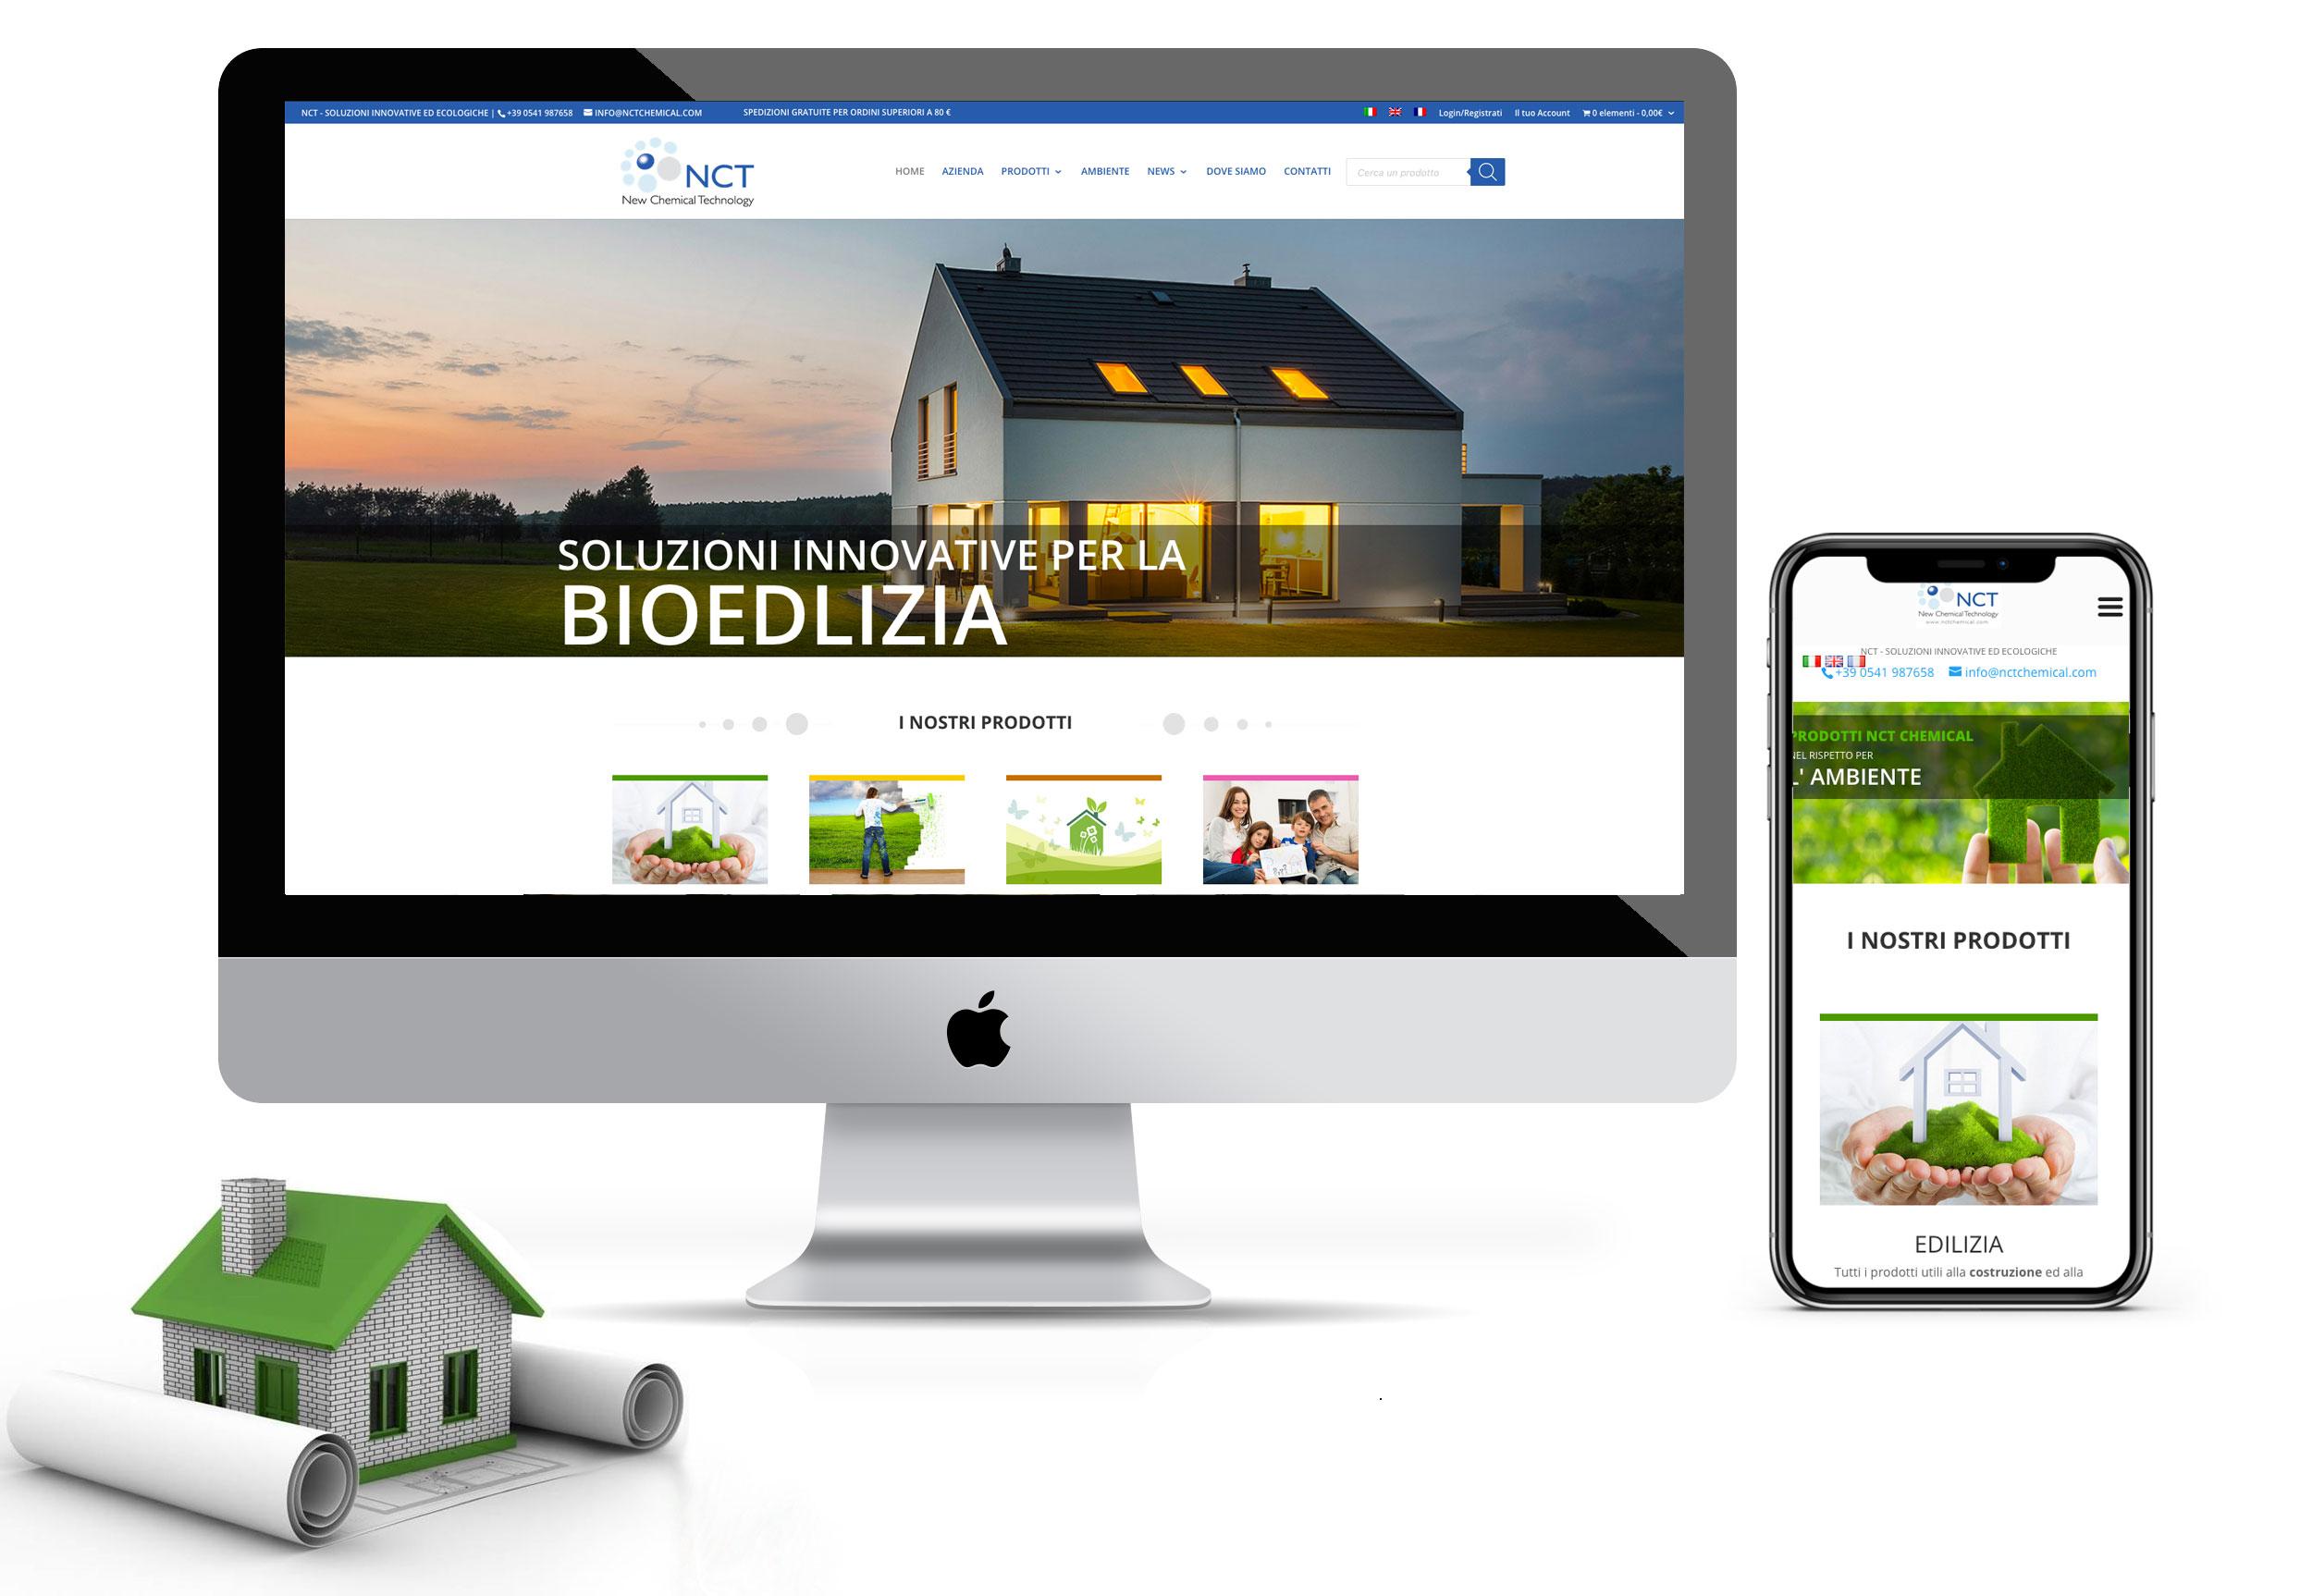 sviluppo-ecommerce-prodotti-bioedilizia